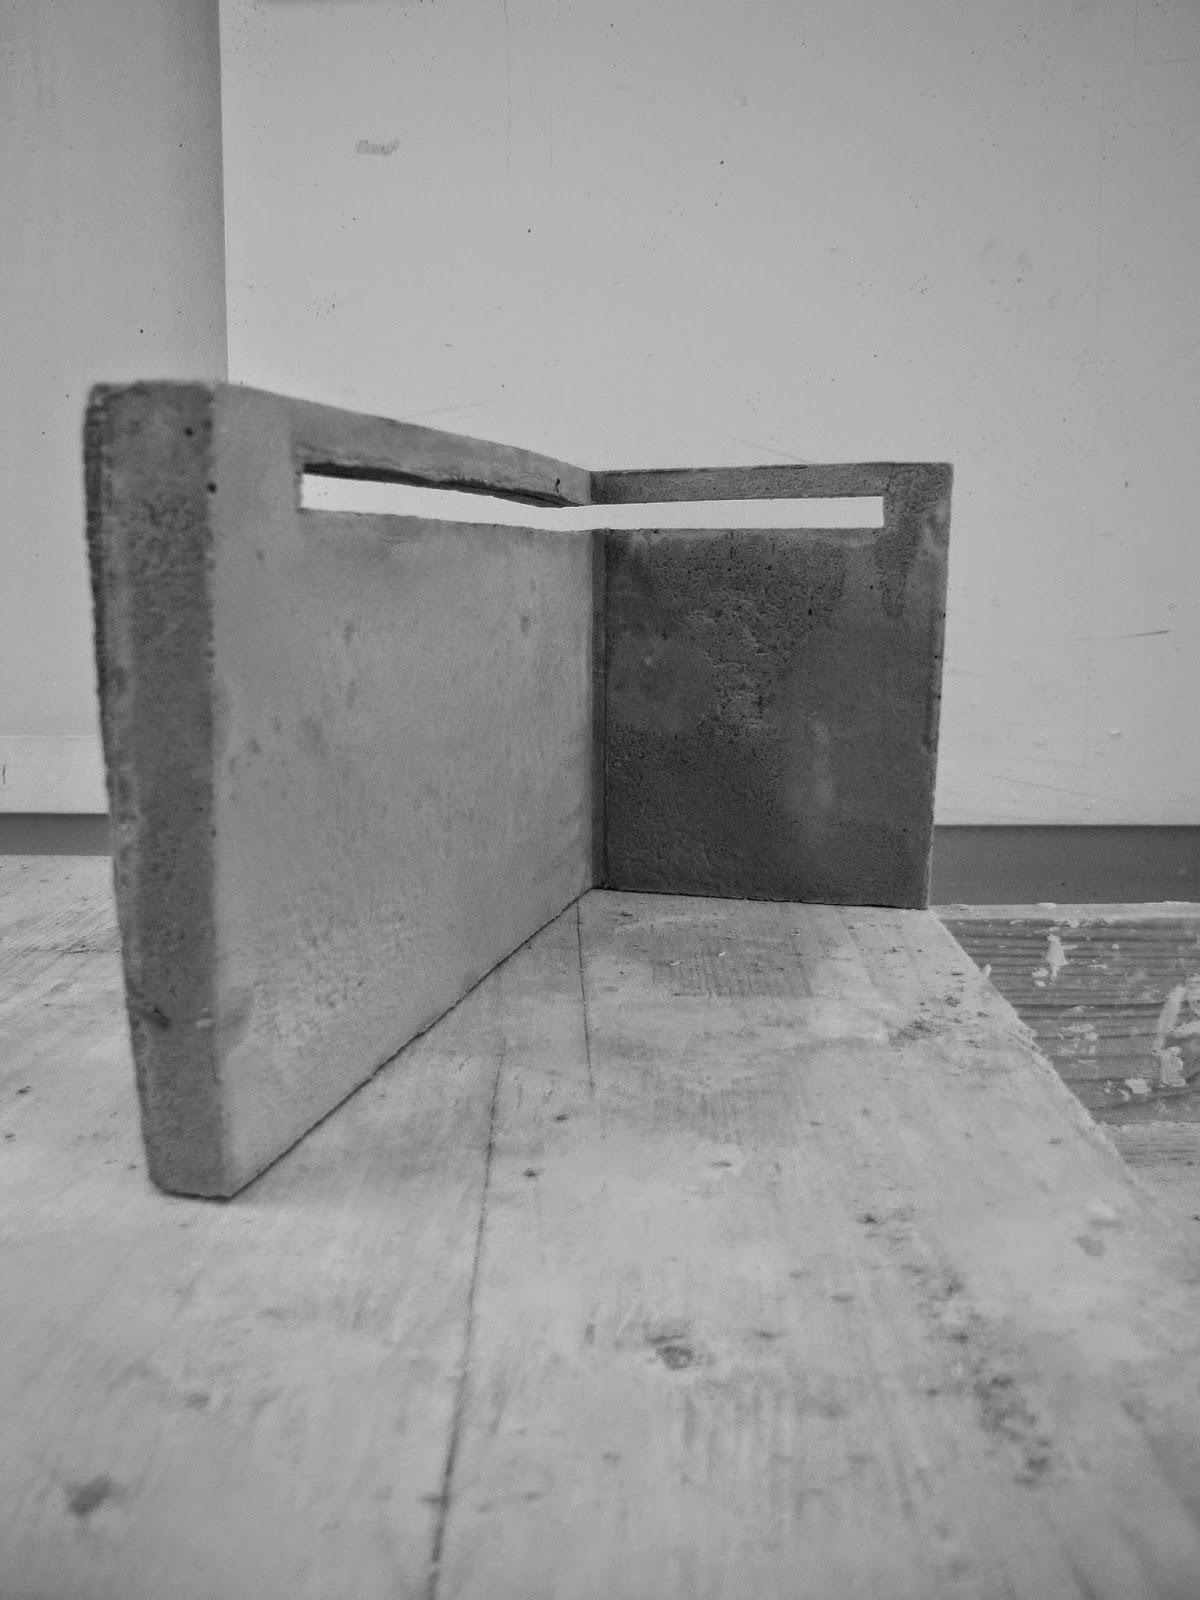 mur en b ton fascicule 65a du cctg cours g nie civil outils livres exercices et vid os. Black Bedroom Furniture Sets. Home Design Ideas